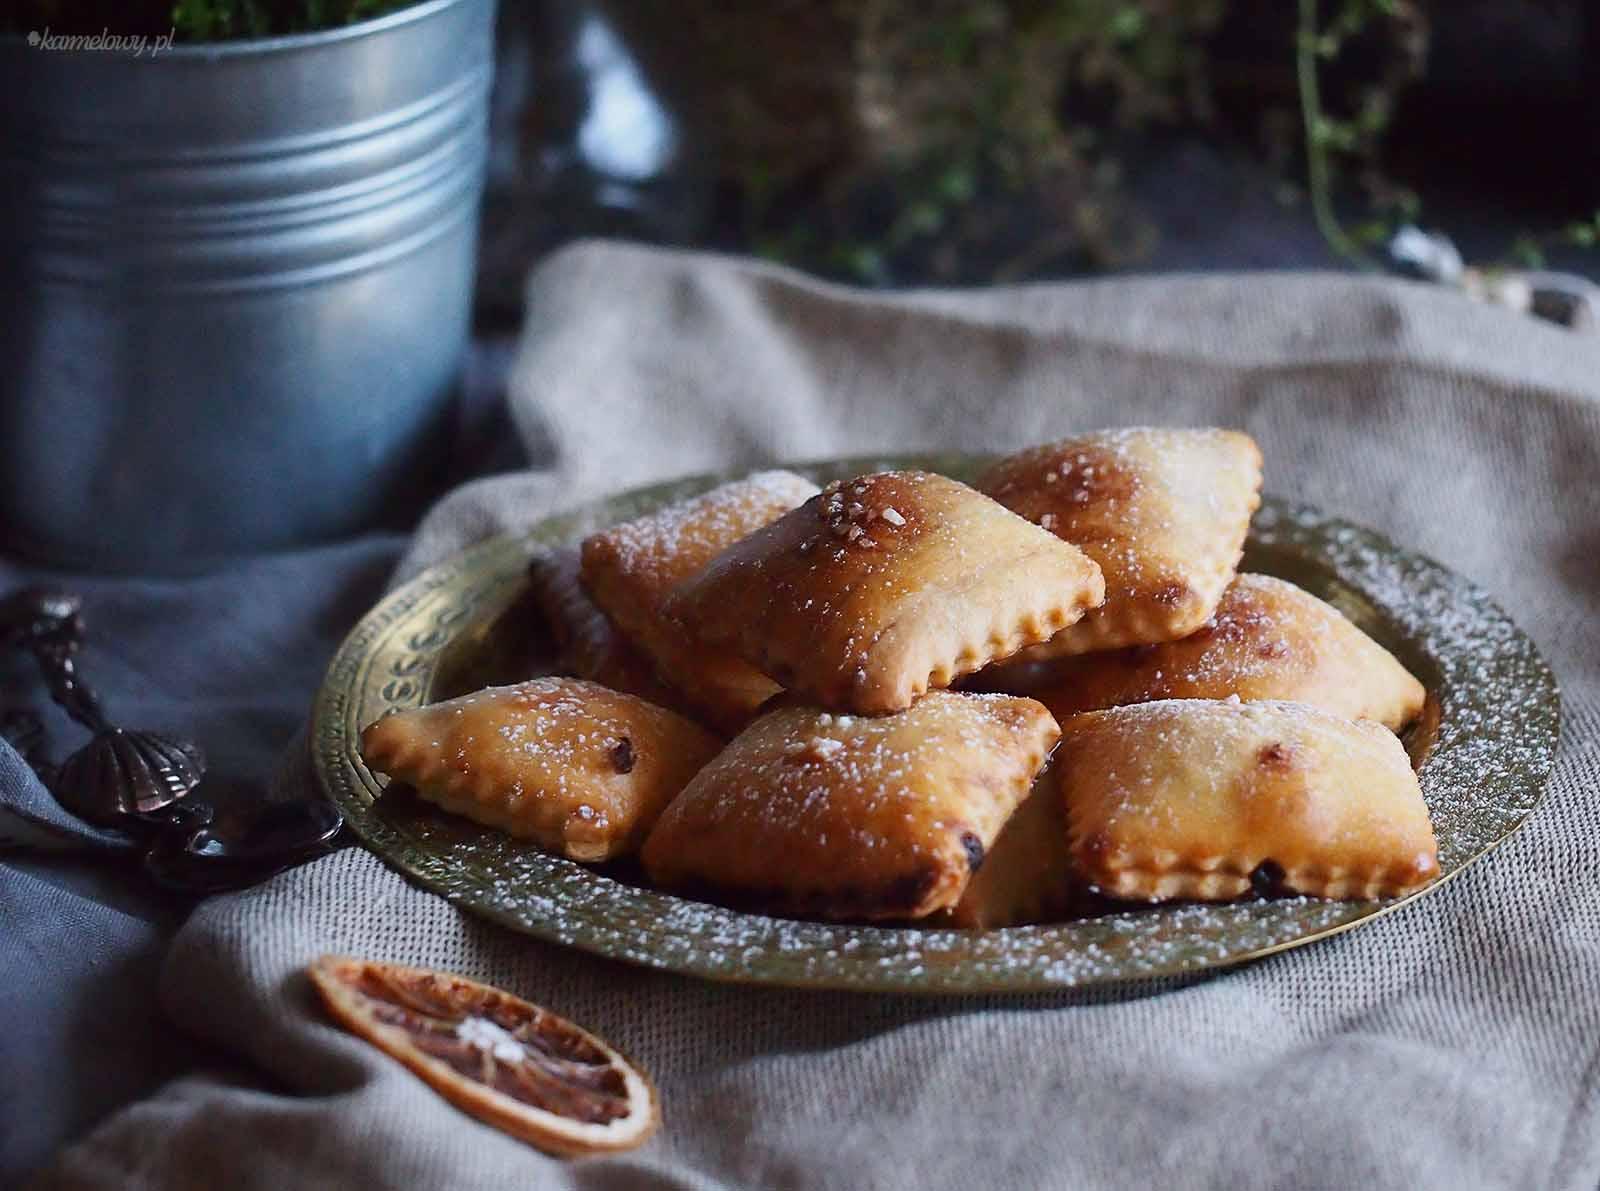 Pieczone-ravioli-z -czekolada-Baked-chocolate-ravioli